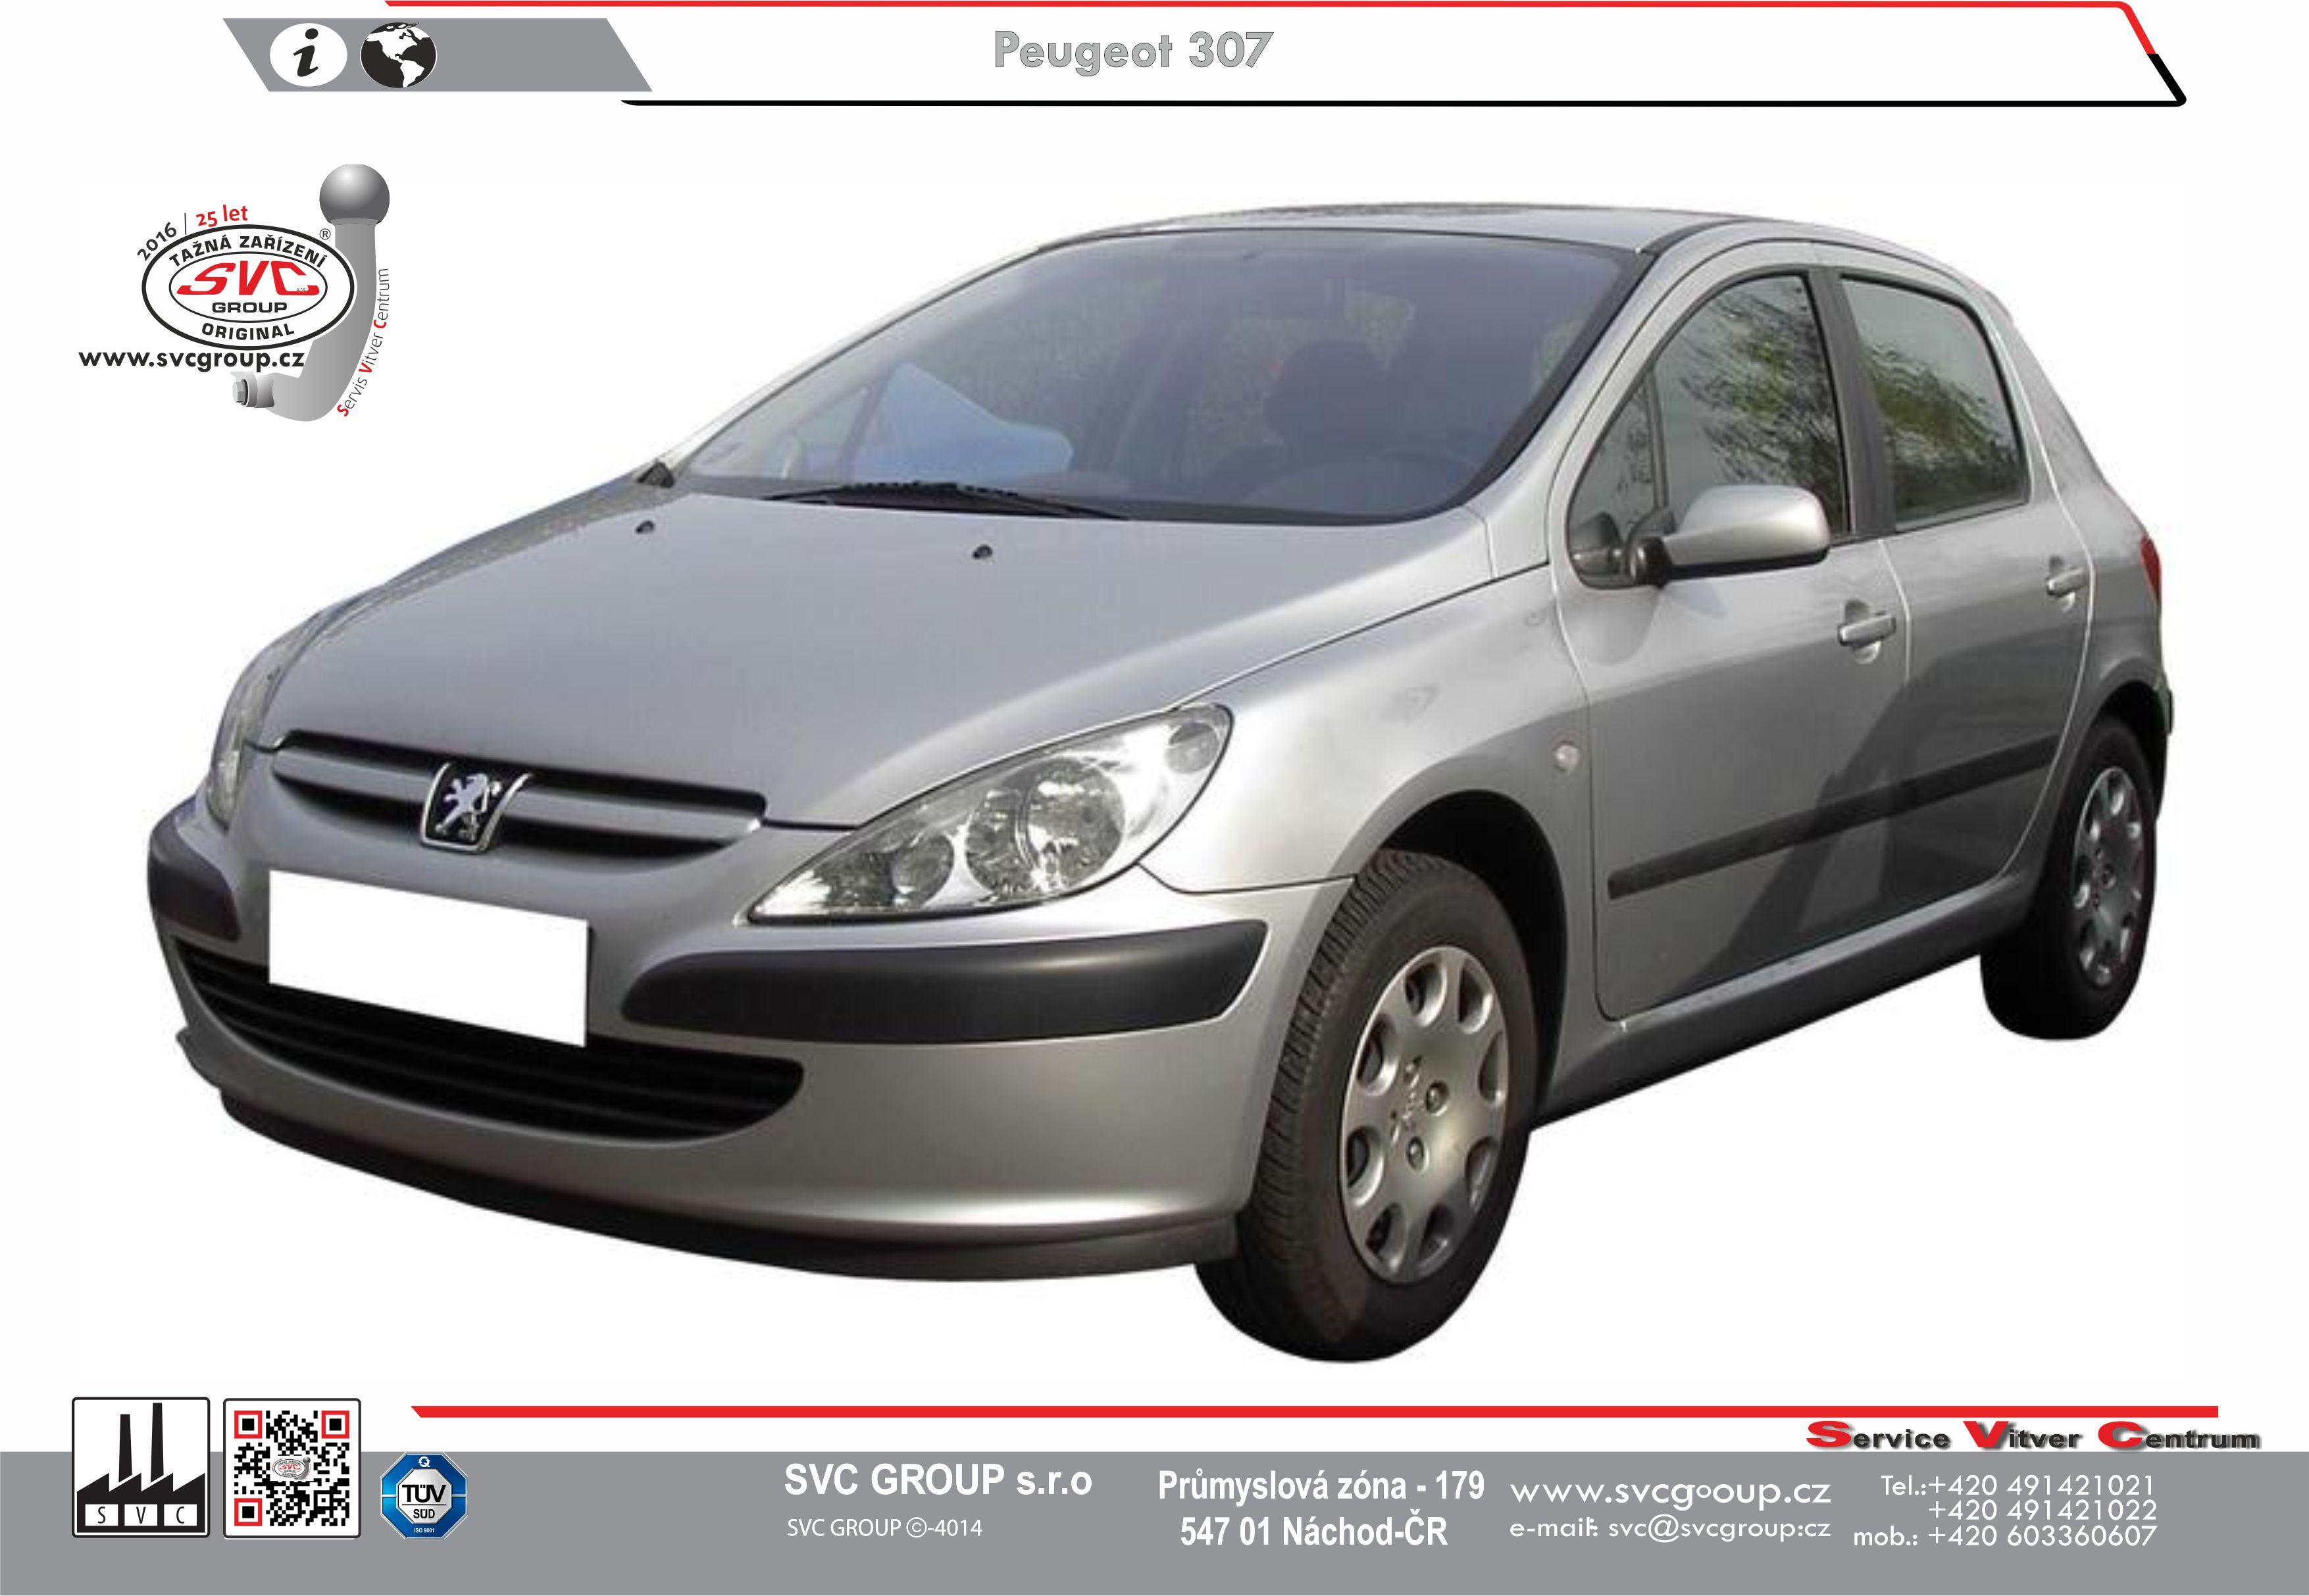 Peugeot 307 Hatchback